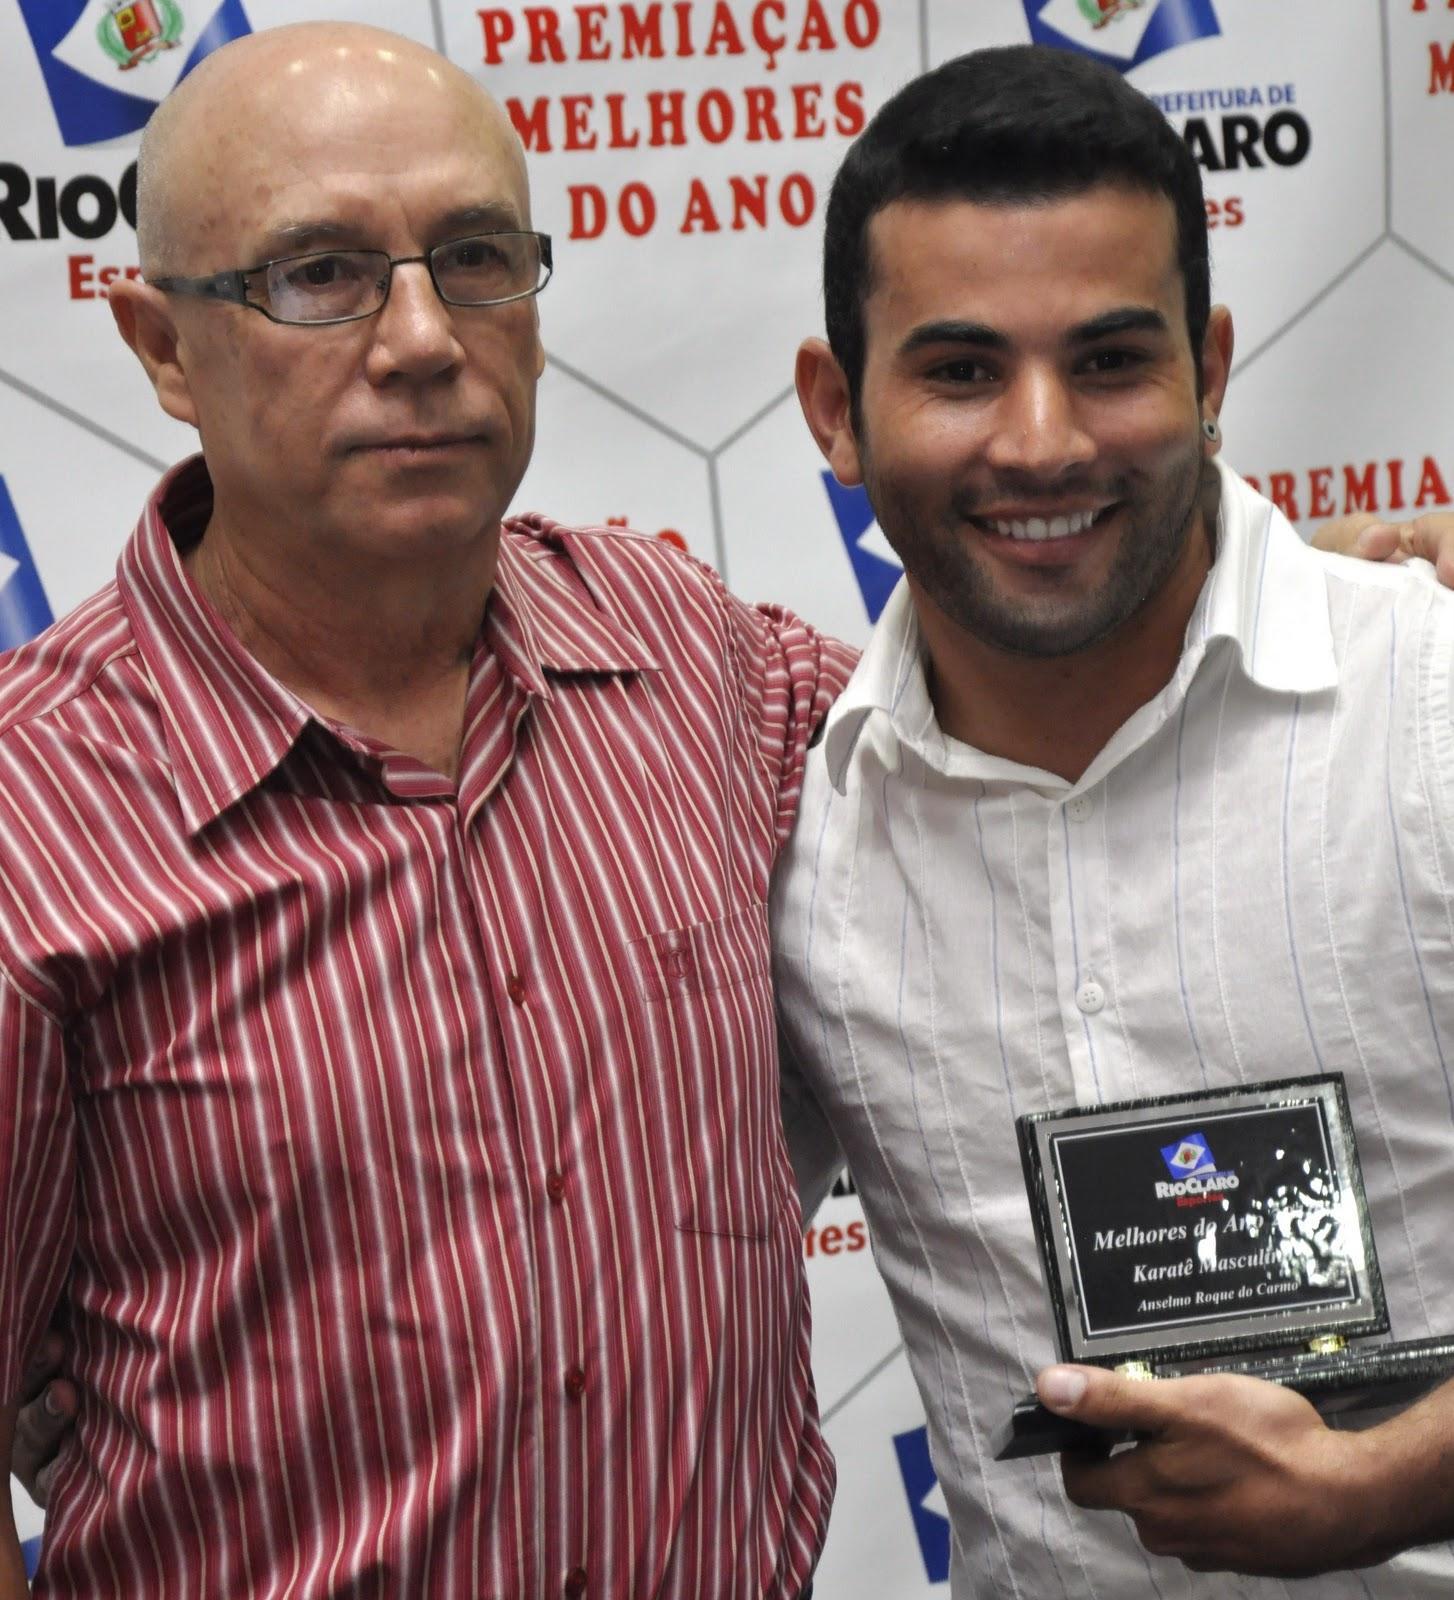 Prefeitura de Rio Claro homenageou os Melhores de 2010 #283679 1454x1600 Banheiro Adaptado Arthur Lima